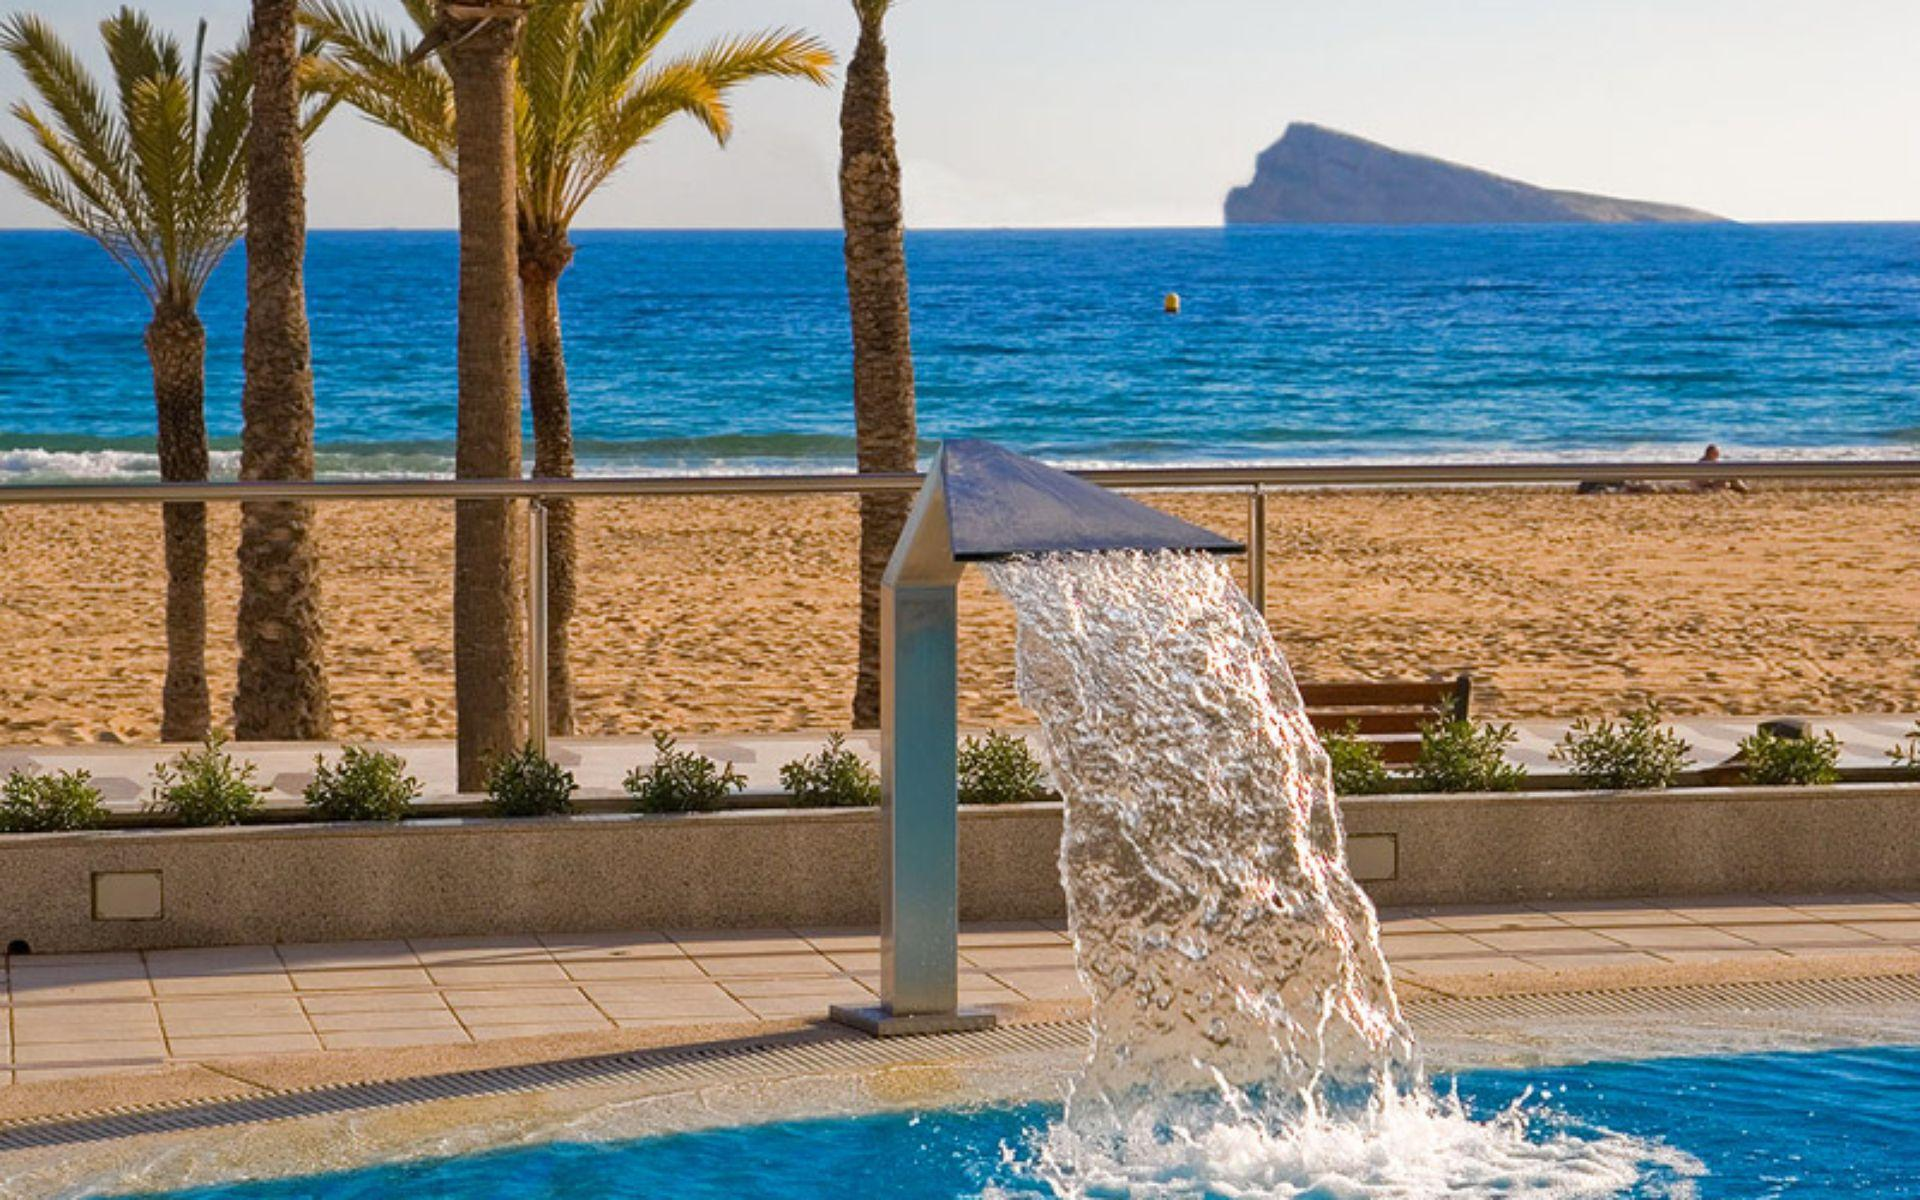 Hotel cimbel en benidorm costa blanca for Piscina climatizada benidorm